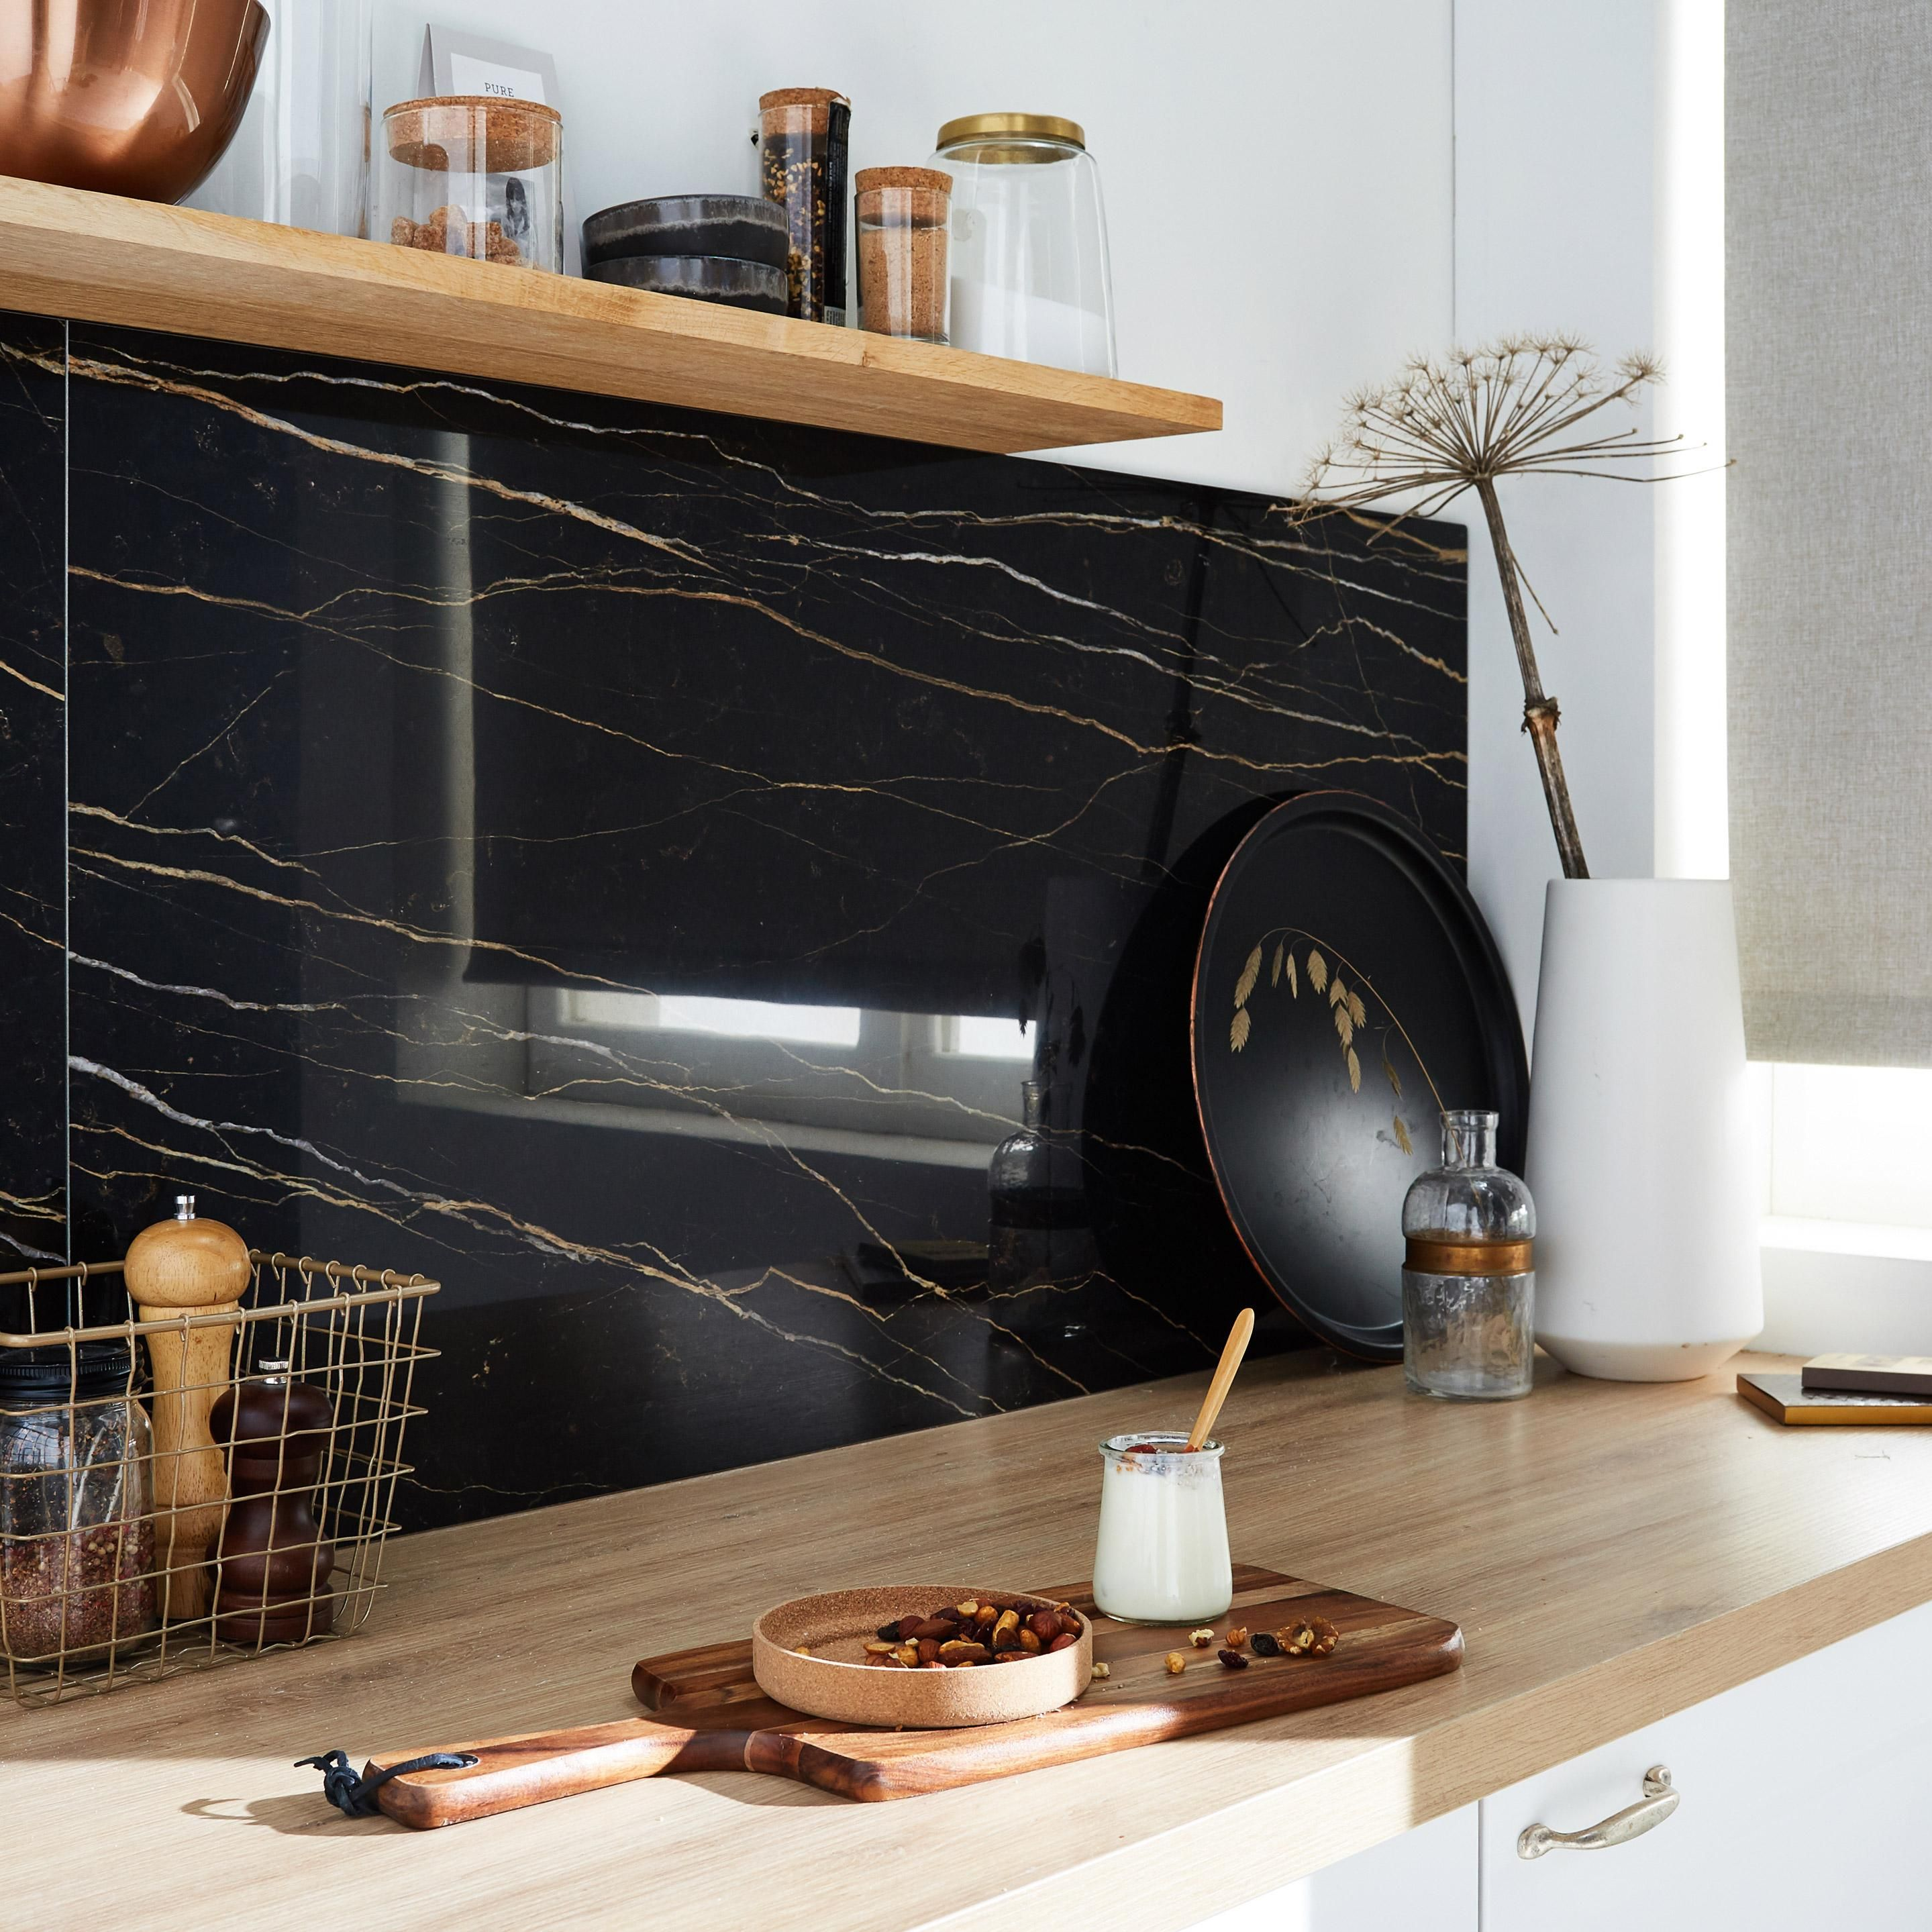 Carrelage Sol Et Mur Intenso Black Gold Le Charme Eternel Des Effets Marbre Et P Cerim Inspired 39 Marbre Cuisine Carrelage Sol Marbre